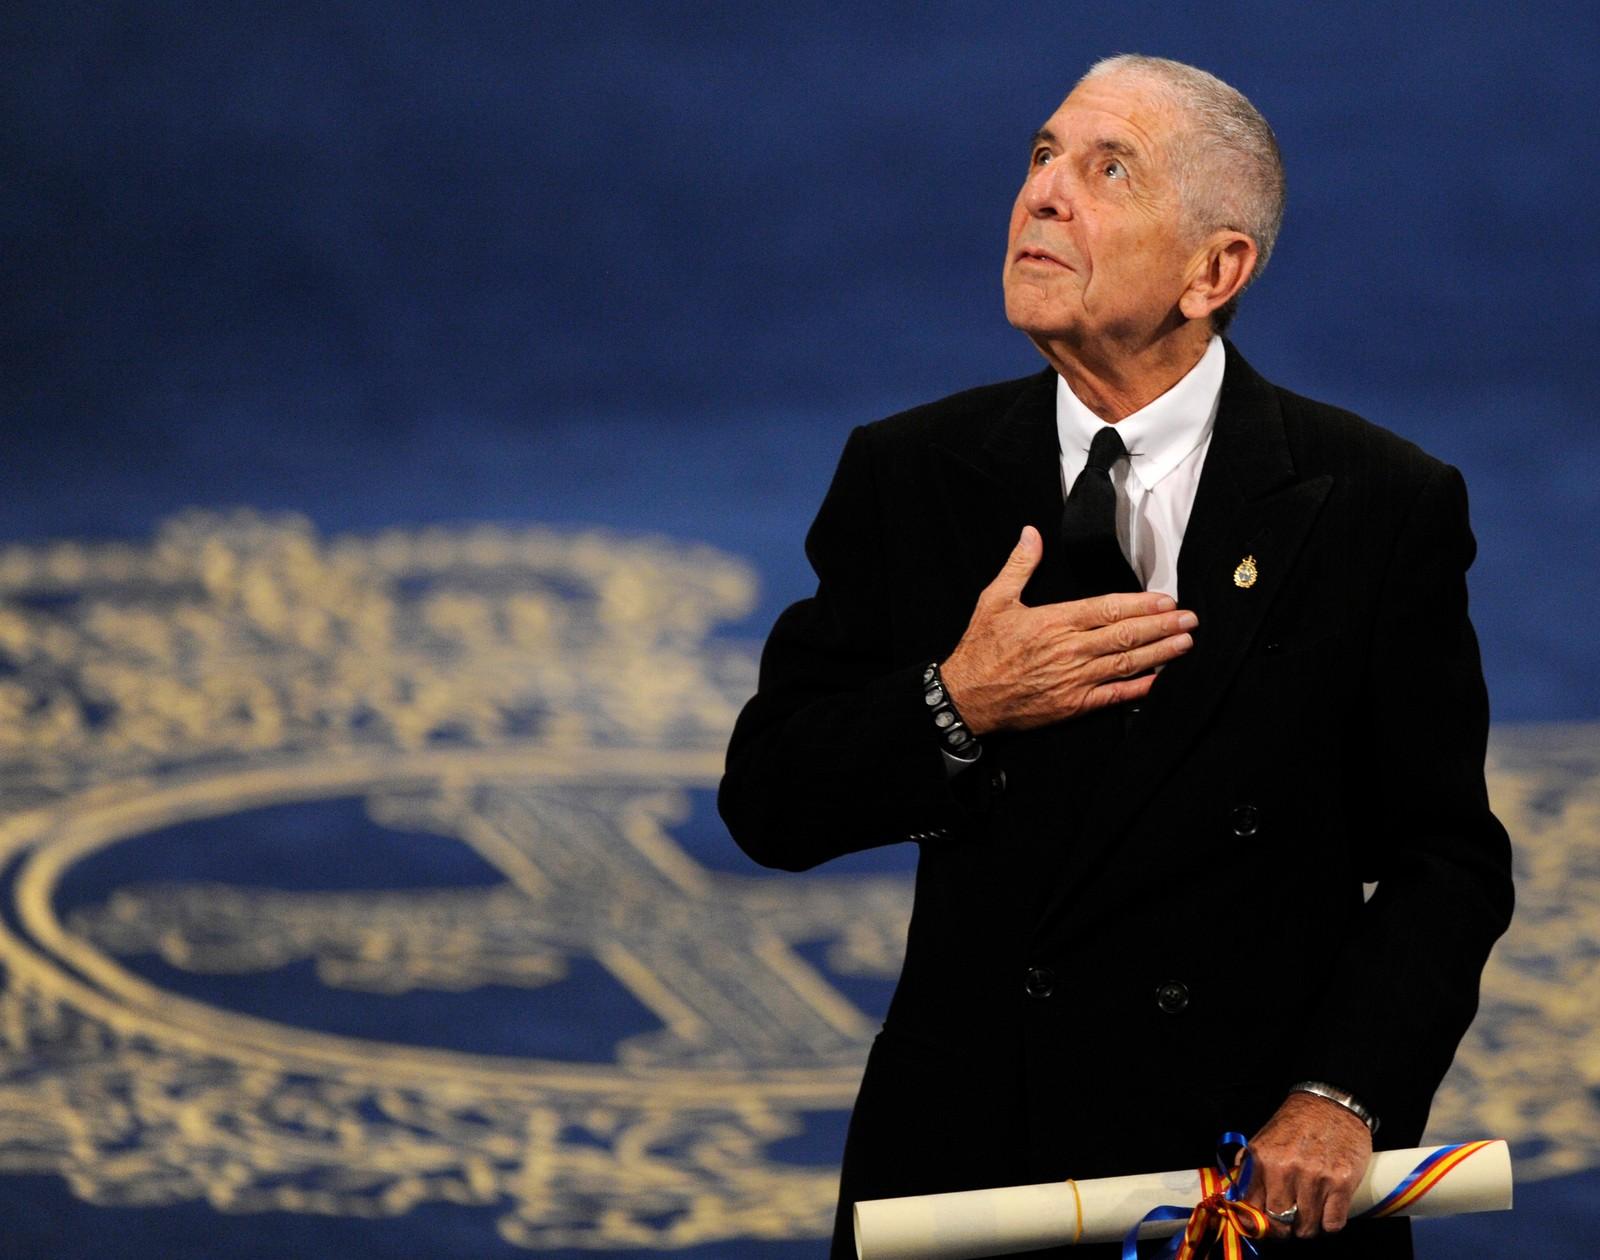 PRISBELØNNET: Cohen mottok mange priser i løpet av sitt liv. Her mottar han Fyrstinnen av Asturias' pris for litteratur i 2011.